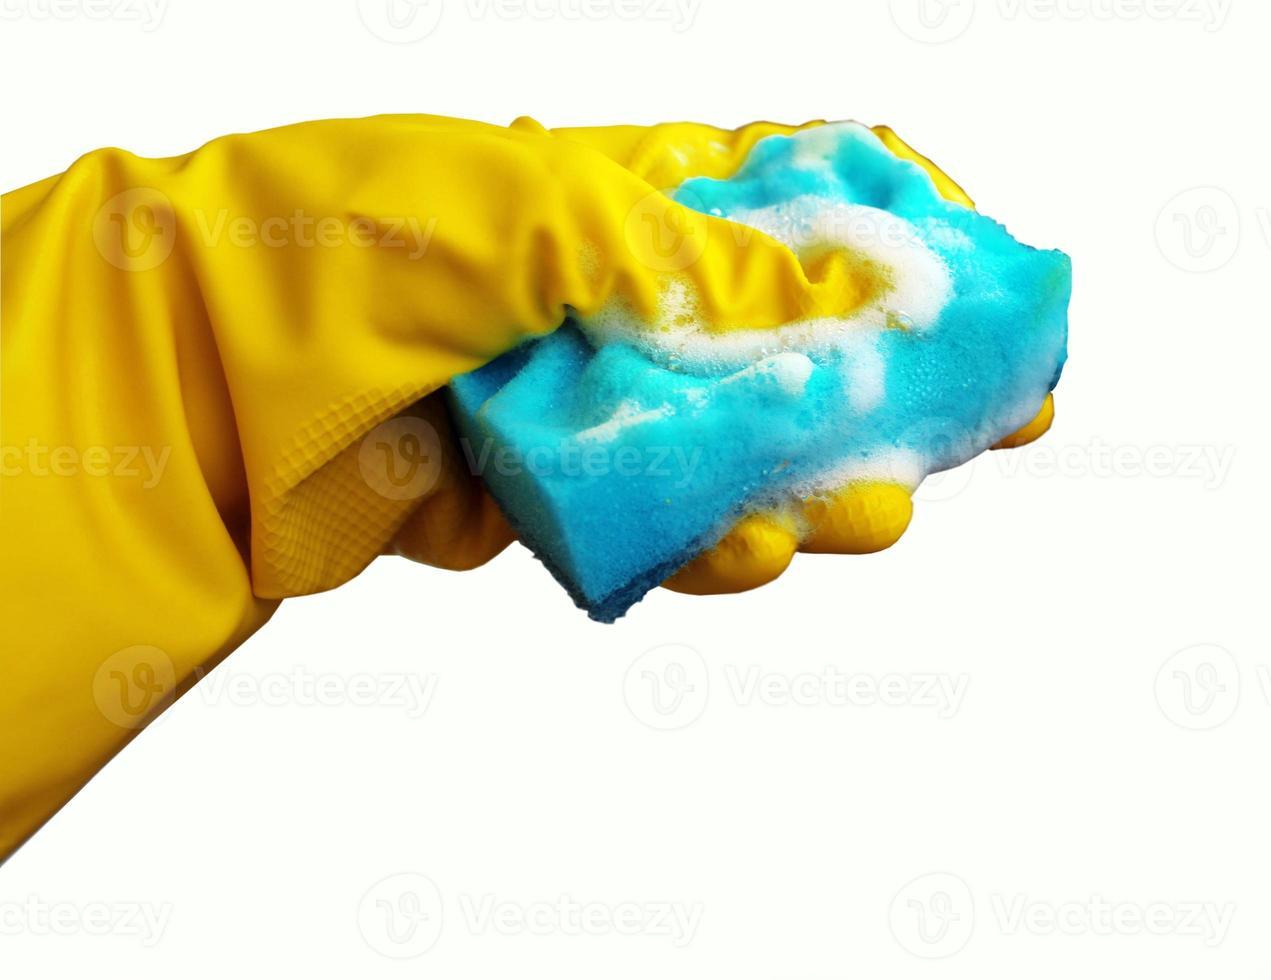 spugna per pulizia e guanti protettivi in gomma foto